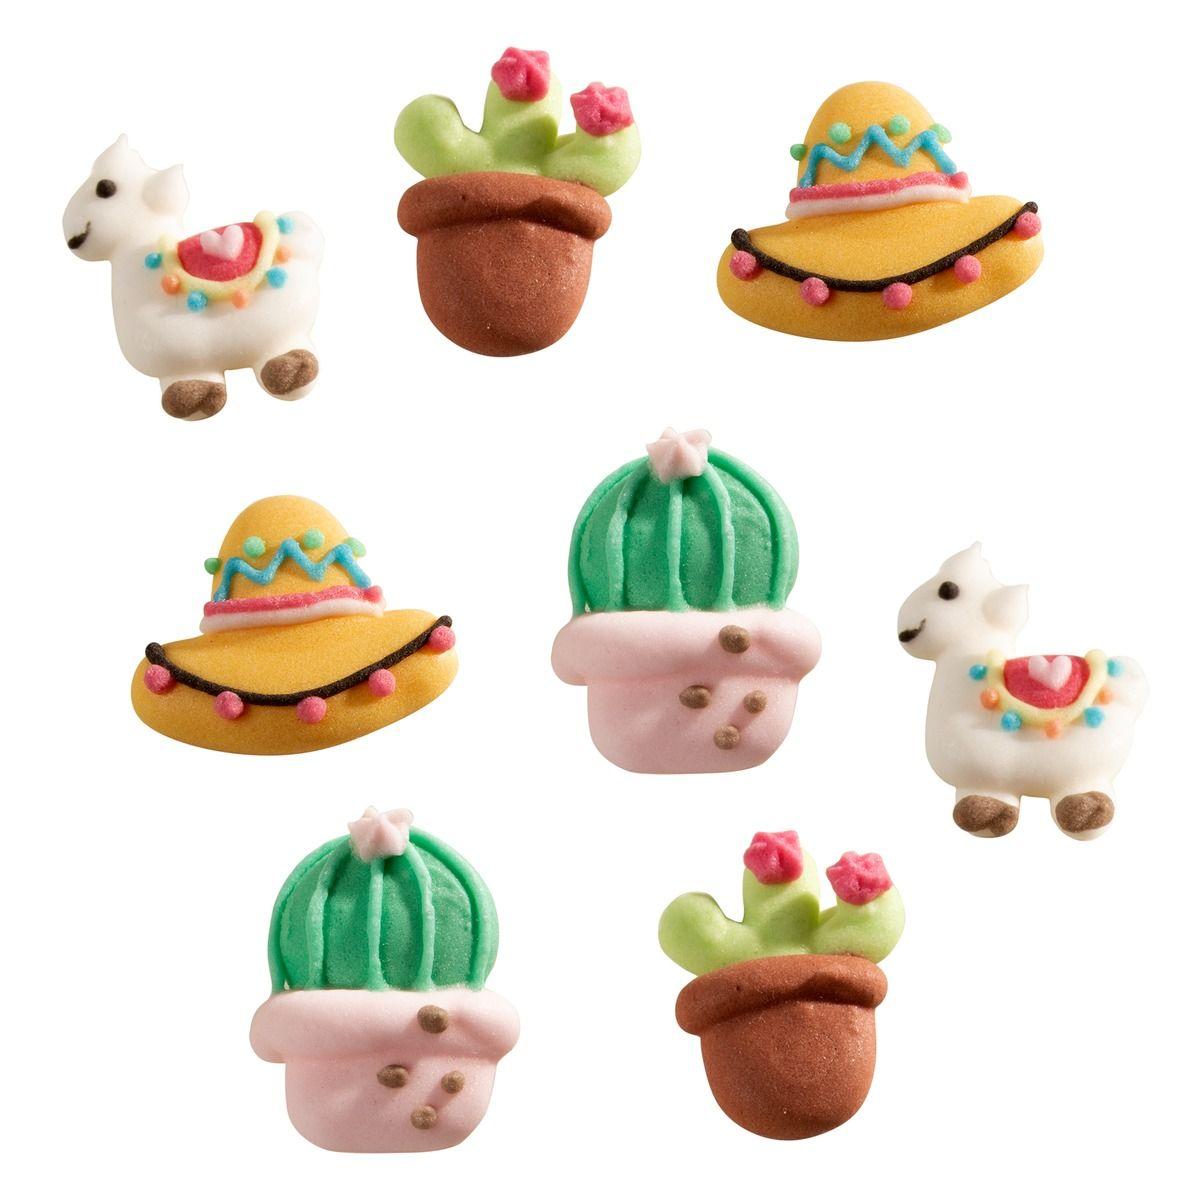 Plaque de décors : 8 décors en sucre thème mexicain : cactus, lama, chapeau et cactus - Alice Délice